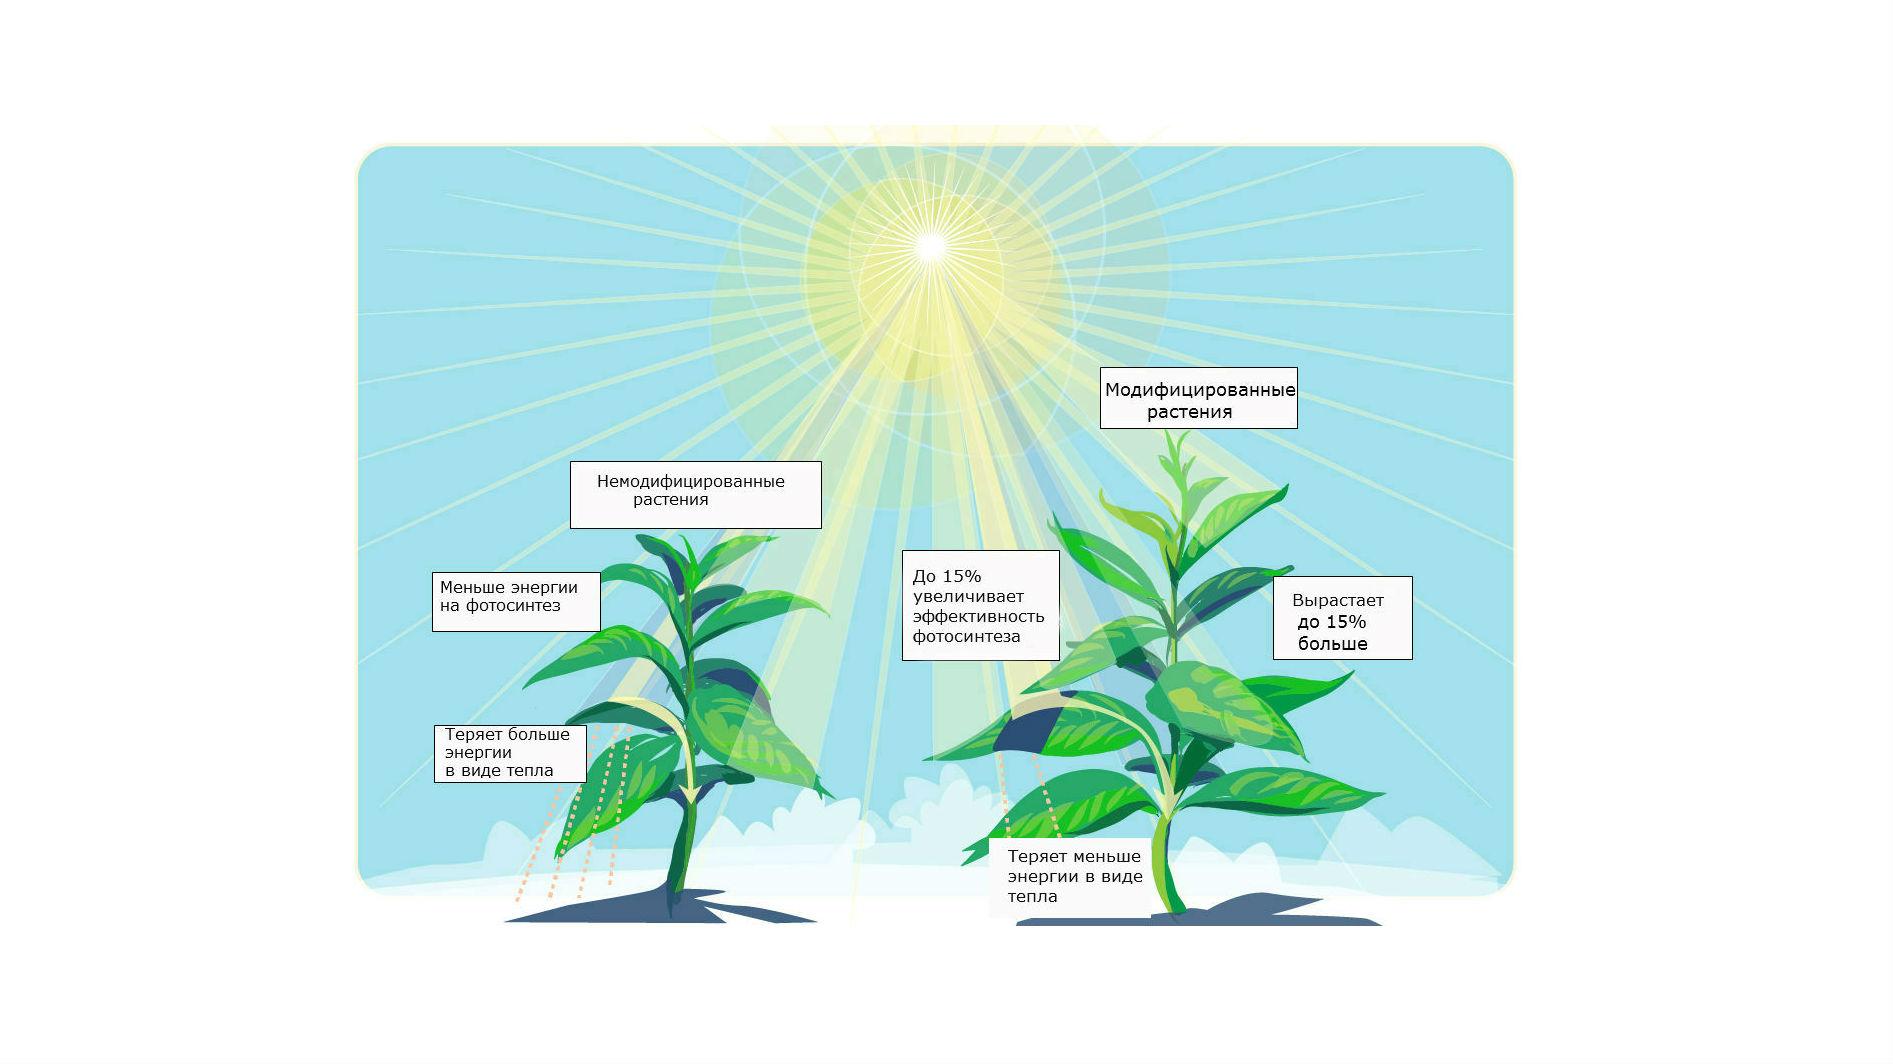 Компьютерные модели предсказали, что генетически модифицированные растения могут лучше использовать ограниченный солнечный свет. Например, когда листья находятся в тени соседей.